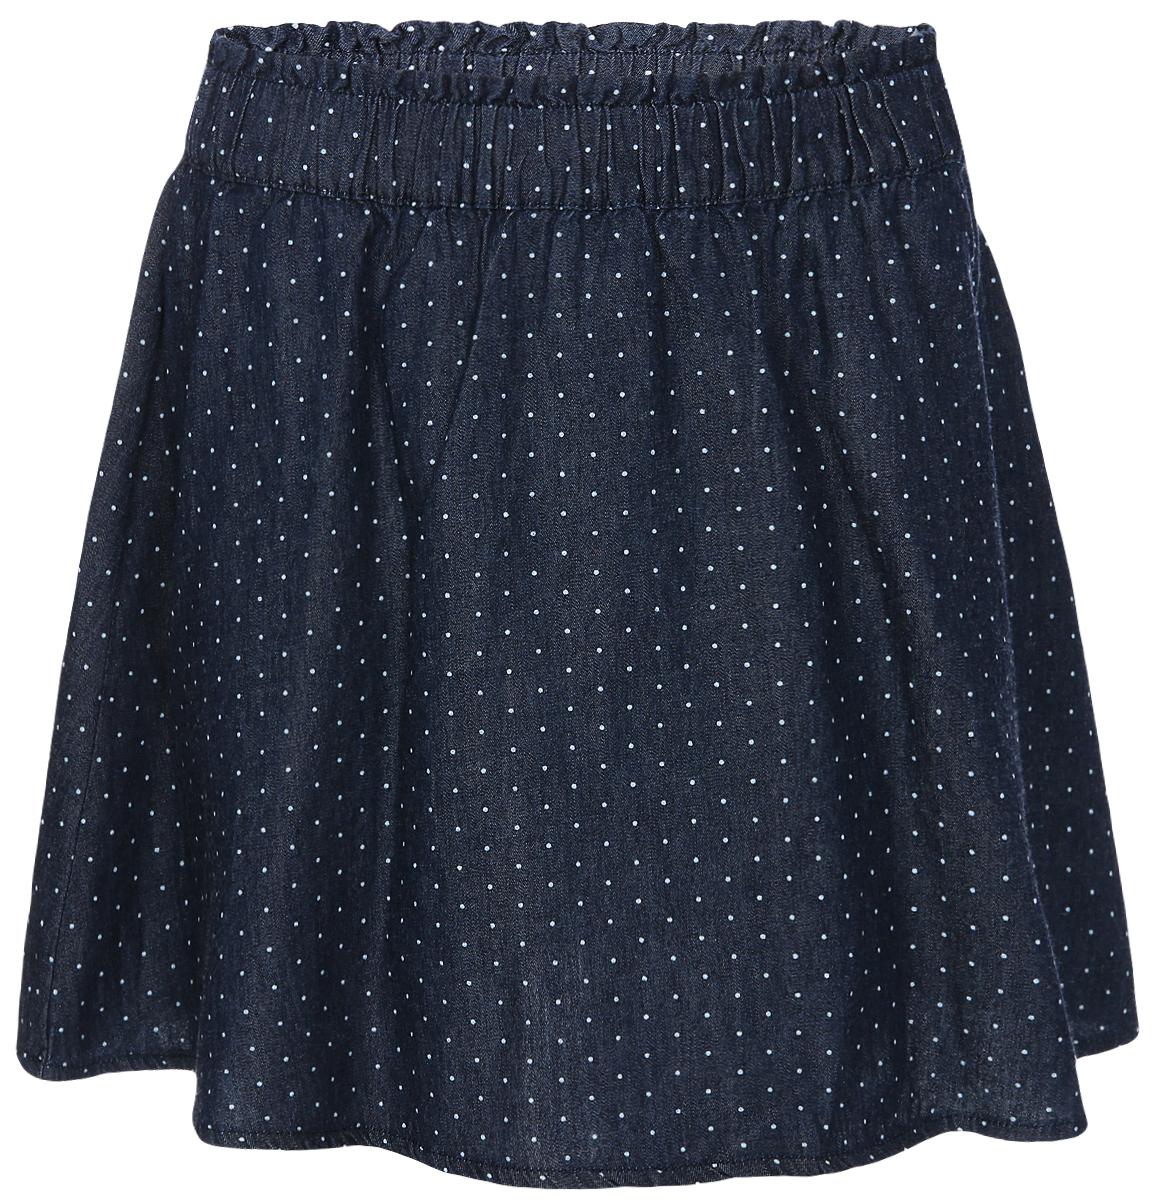 Юбка для девочки Sela, цвет: темно-синий. SKJ-638/476-8233. Размер 128, 8 летSKJ-638/476-8233